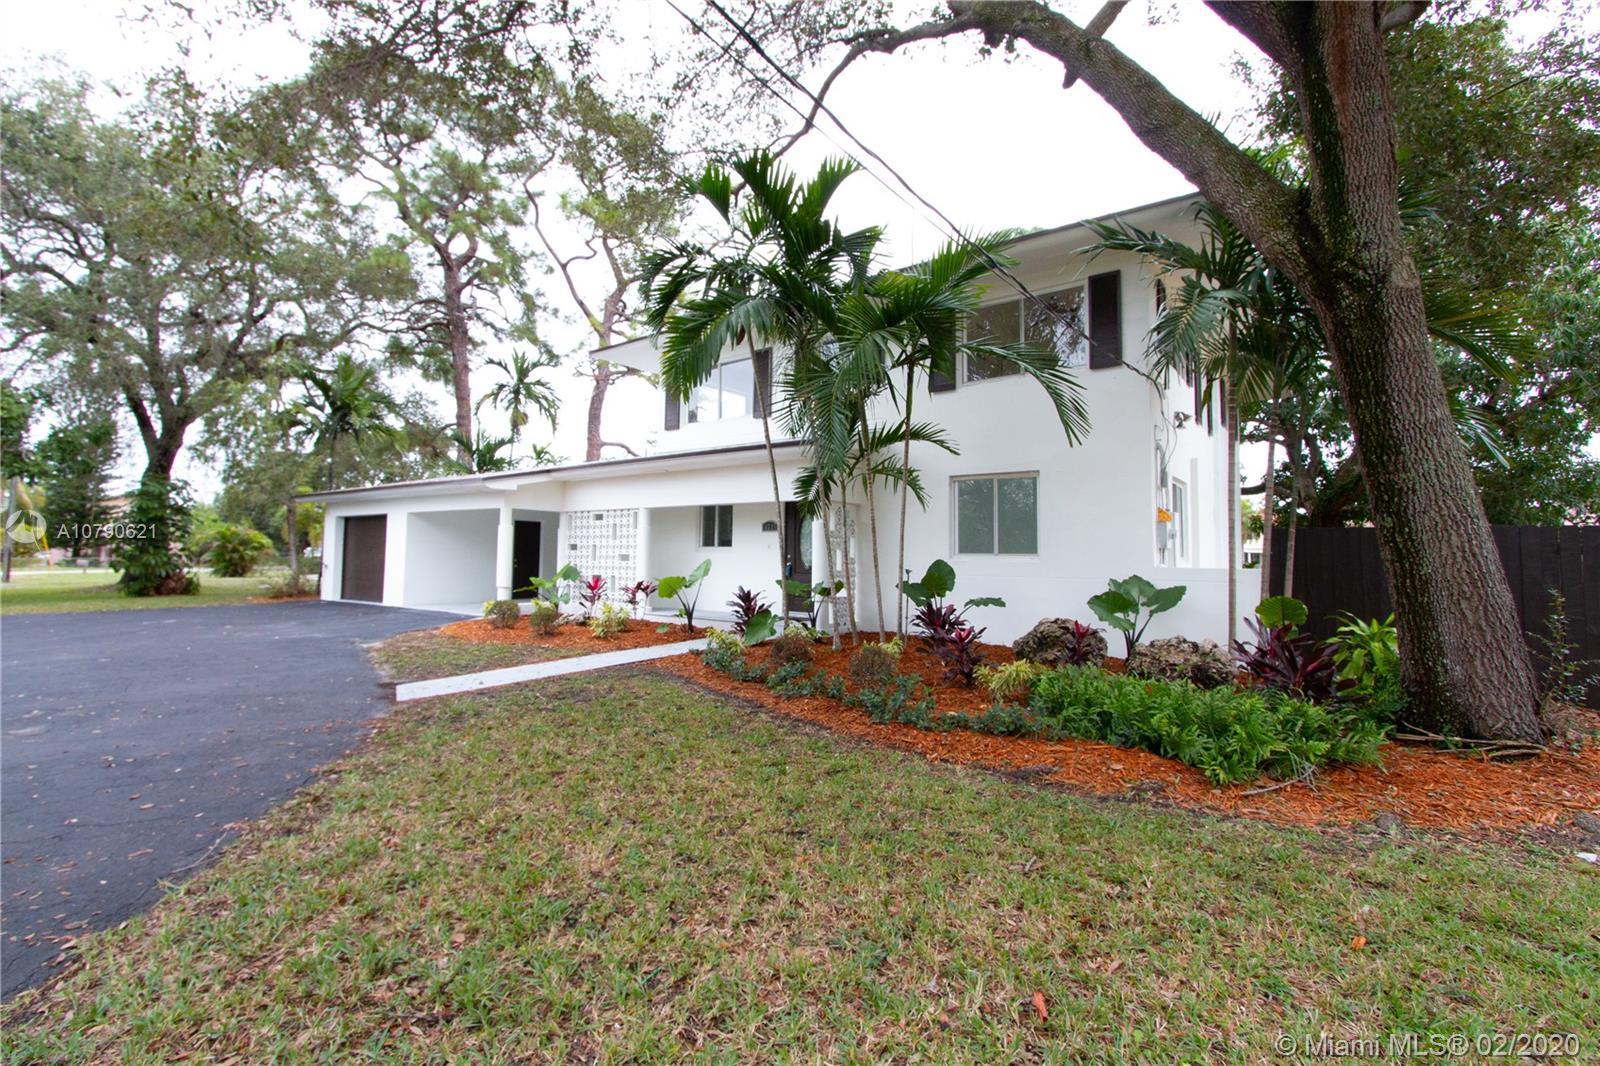 14295 NW 14th Dr, Miami, FL 33167